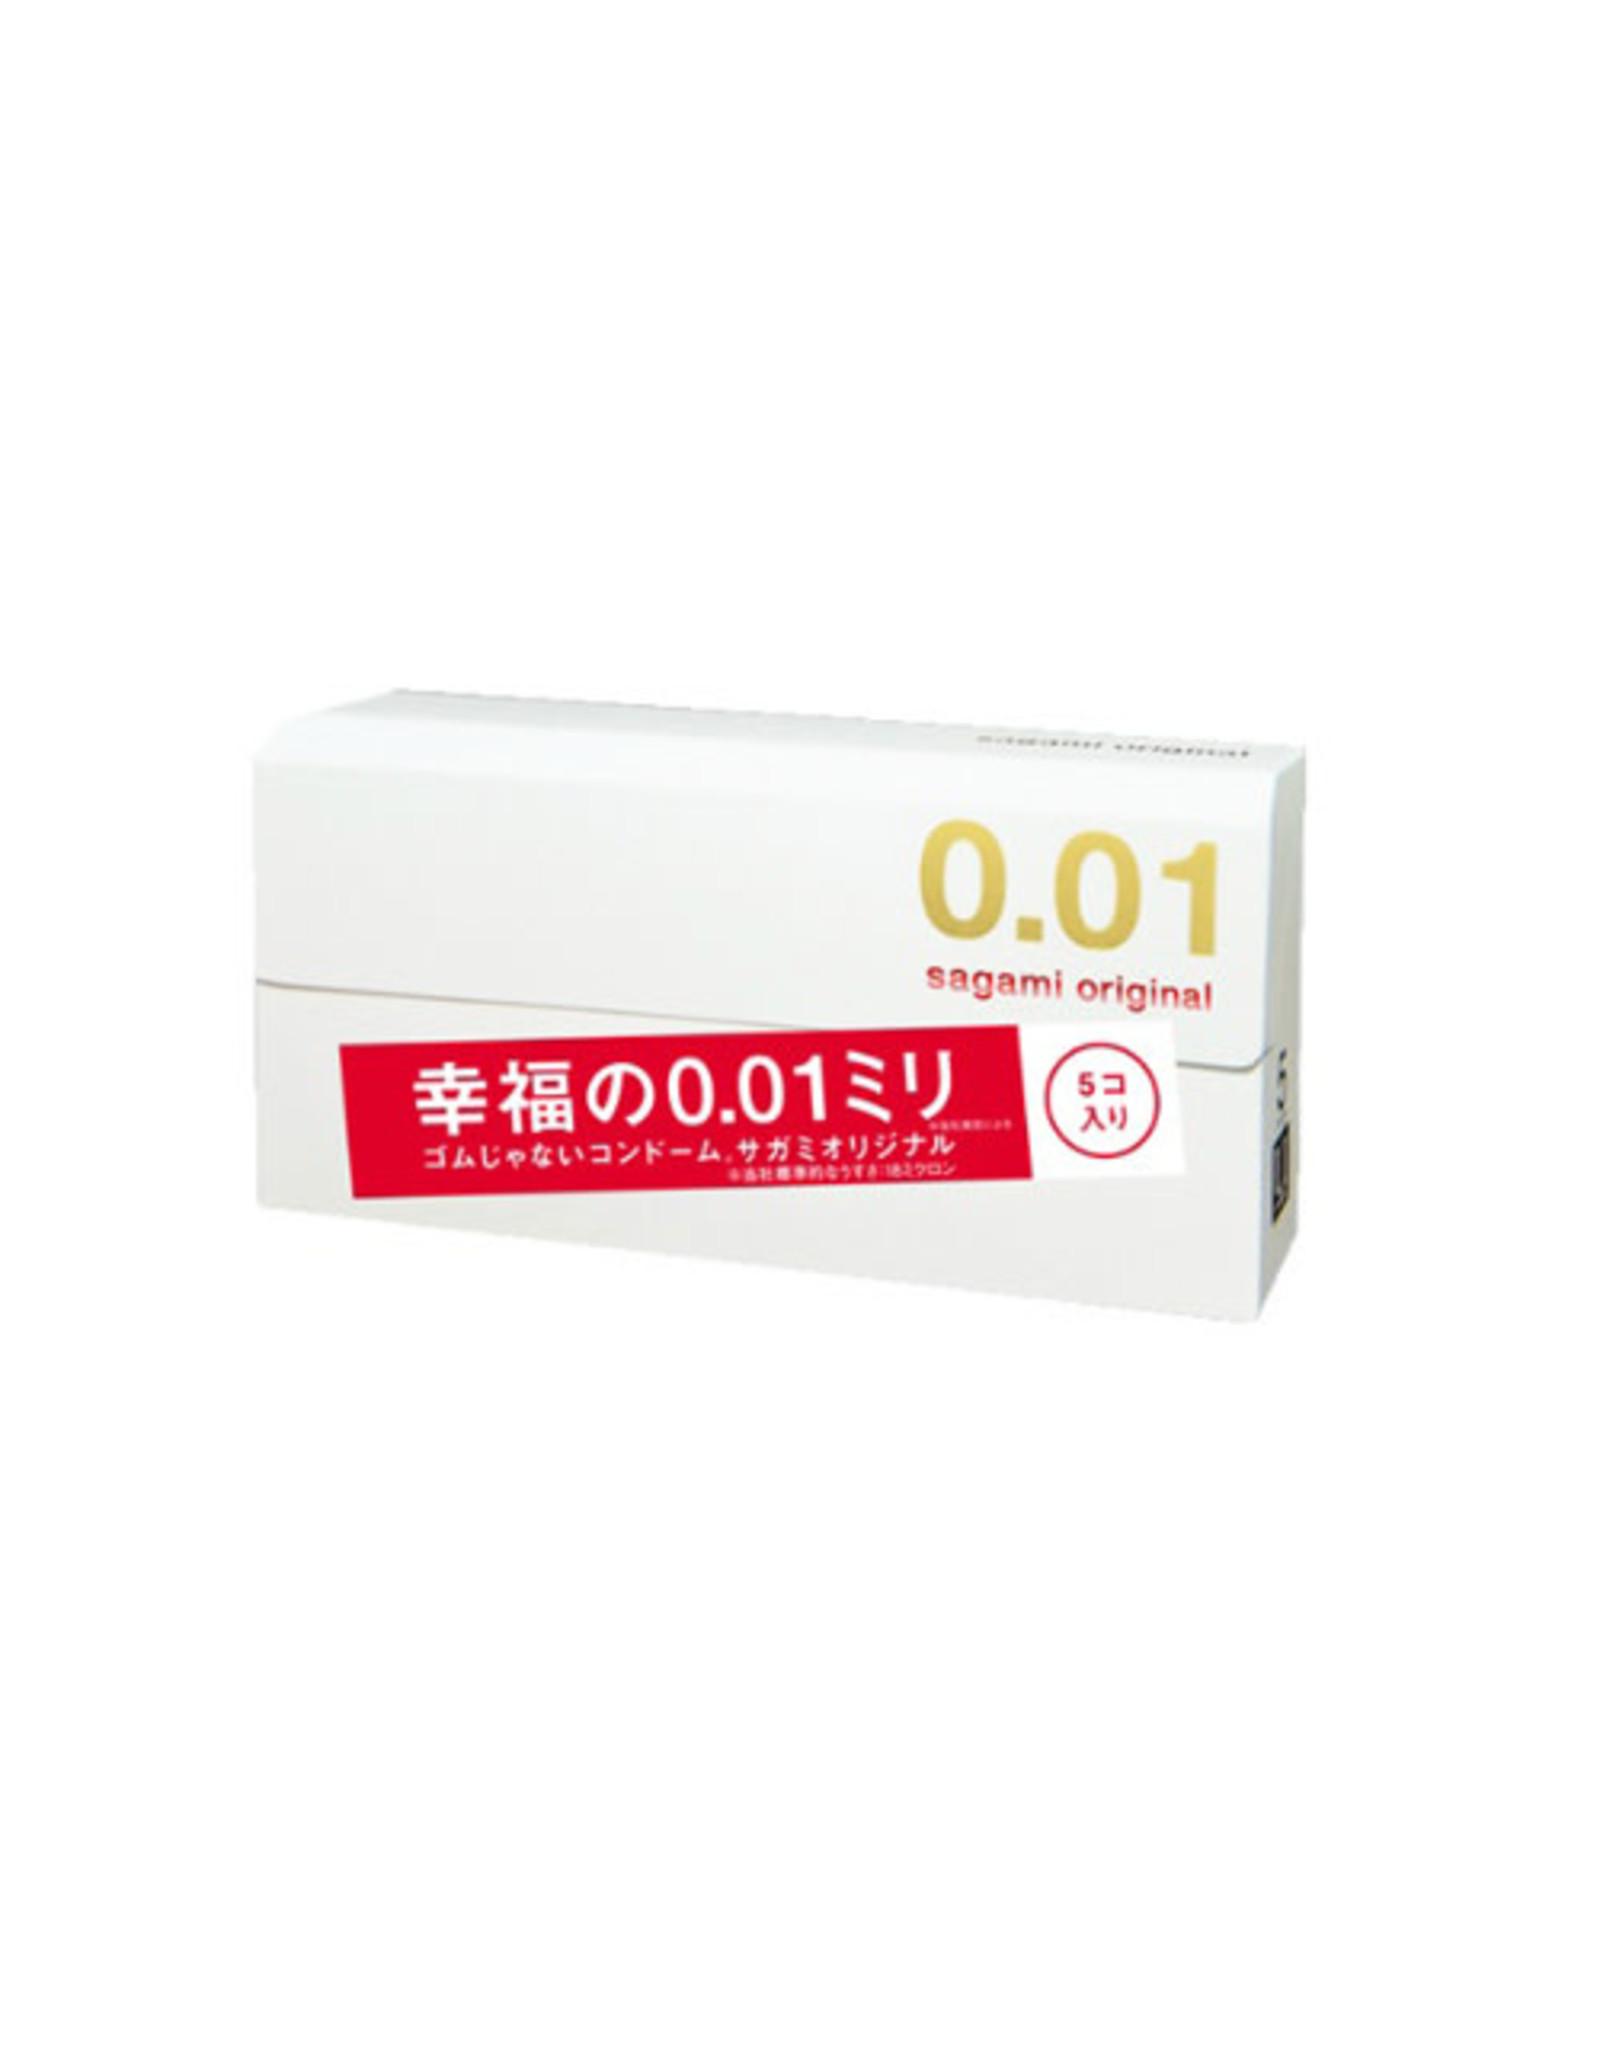 Sagami Sagami Original 001 Condom 5Pcs